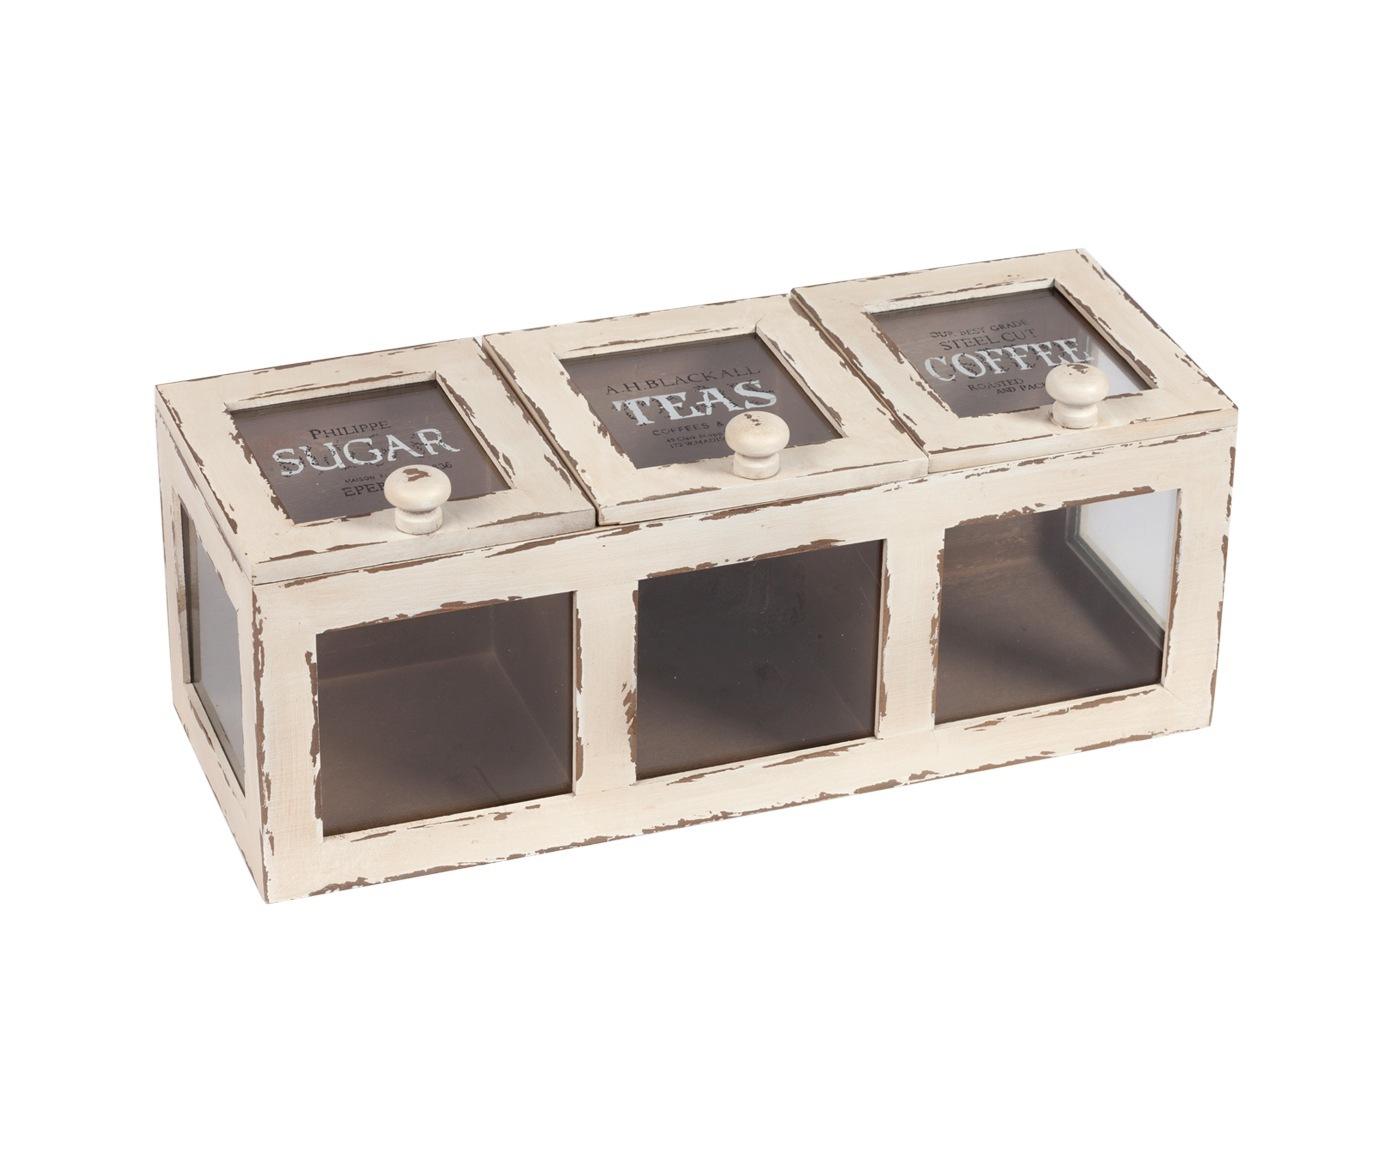 Емкость для хранения чая и кофе Tea Break DG-HOMEДекоративные предметы хранения<br>. Бренд - DG-HOME. ширина/диаметр - 410. материал - Дерево. цвет - Бежевый, Коричневый.<br><br>популярные производители: DG-HOME<br>ширина/диаметр: 410<br>материал: Дерево<br>цвет: Бежевый, Коричневый